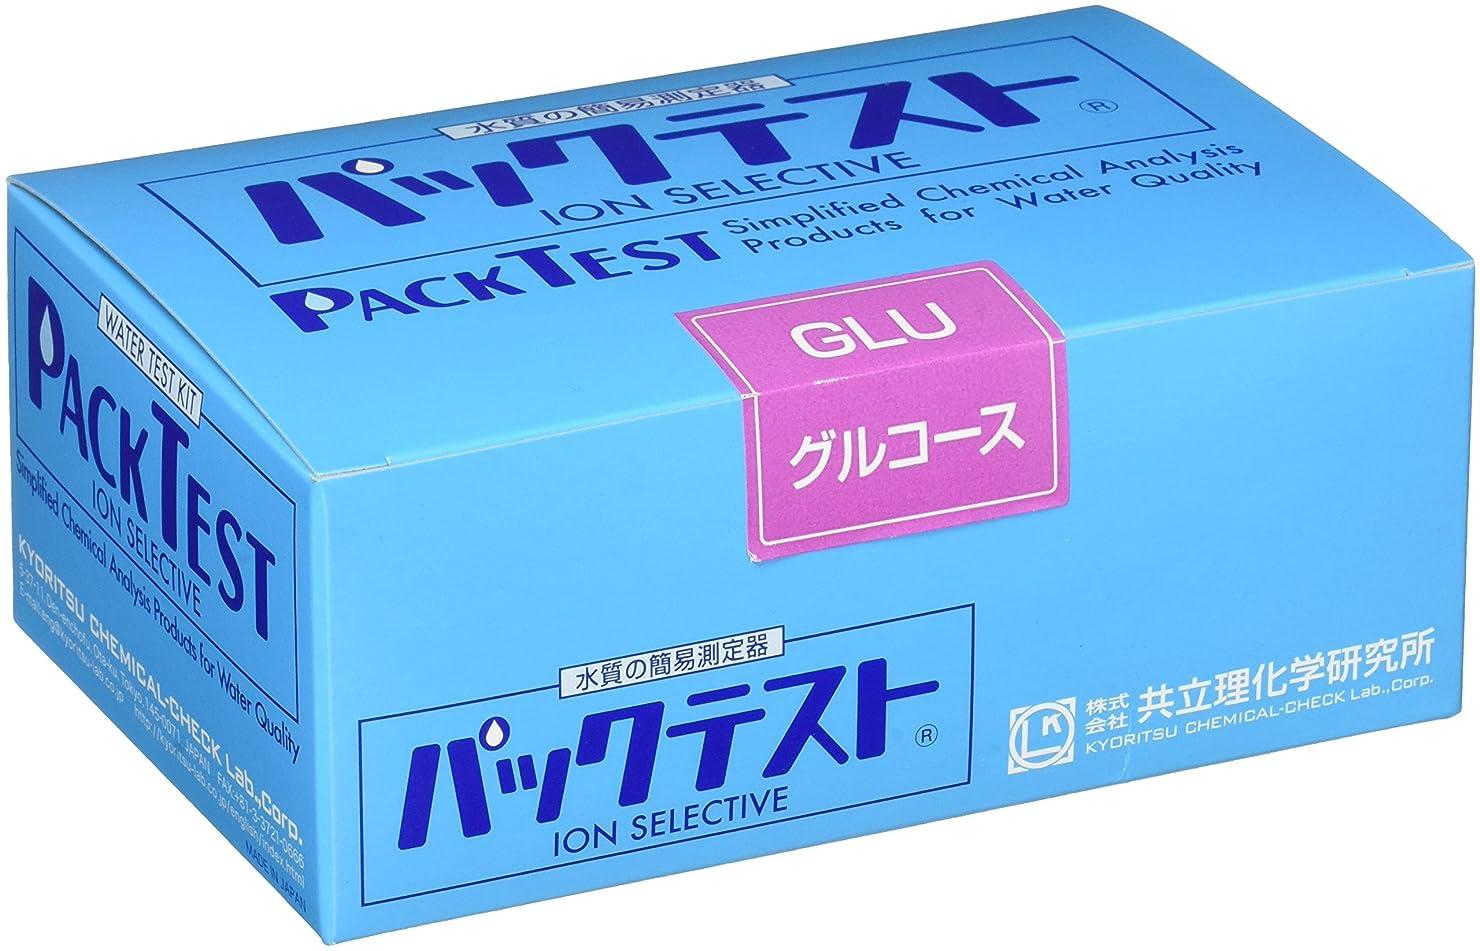 ダイヤモンドロープパシフィック共立理化学研究所 パックテスト グルコース WAK-GLU